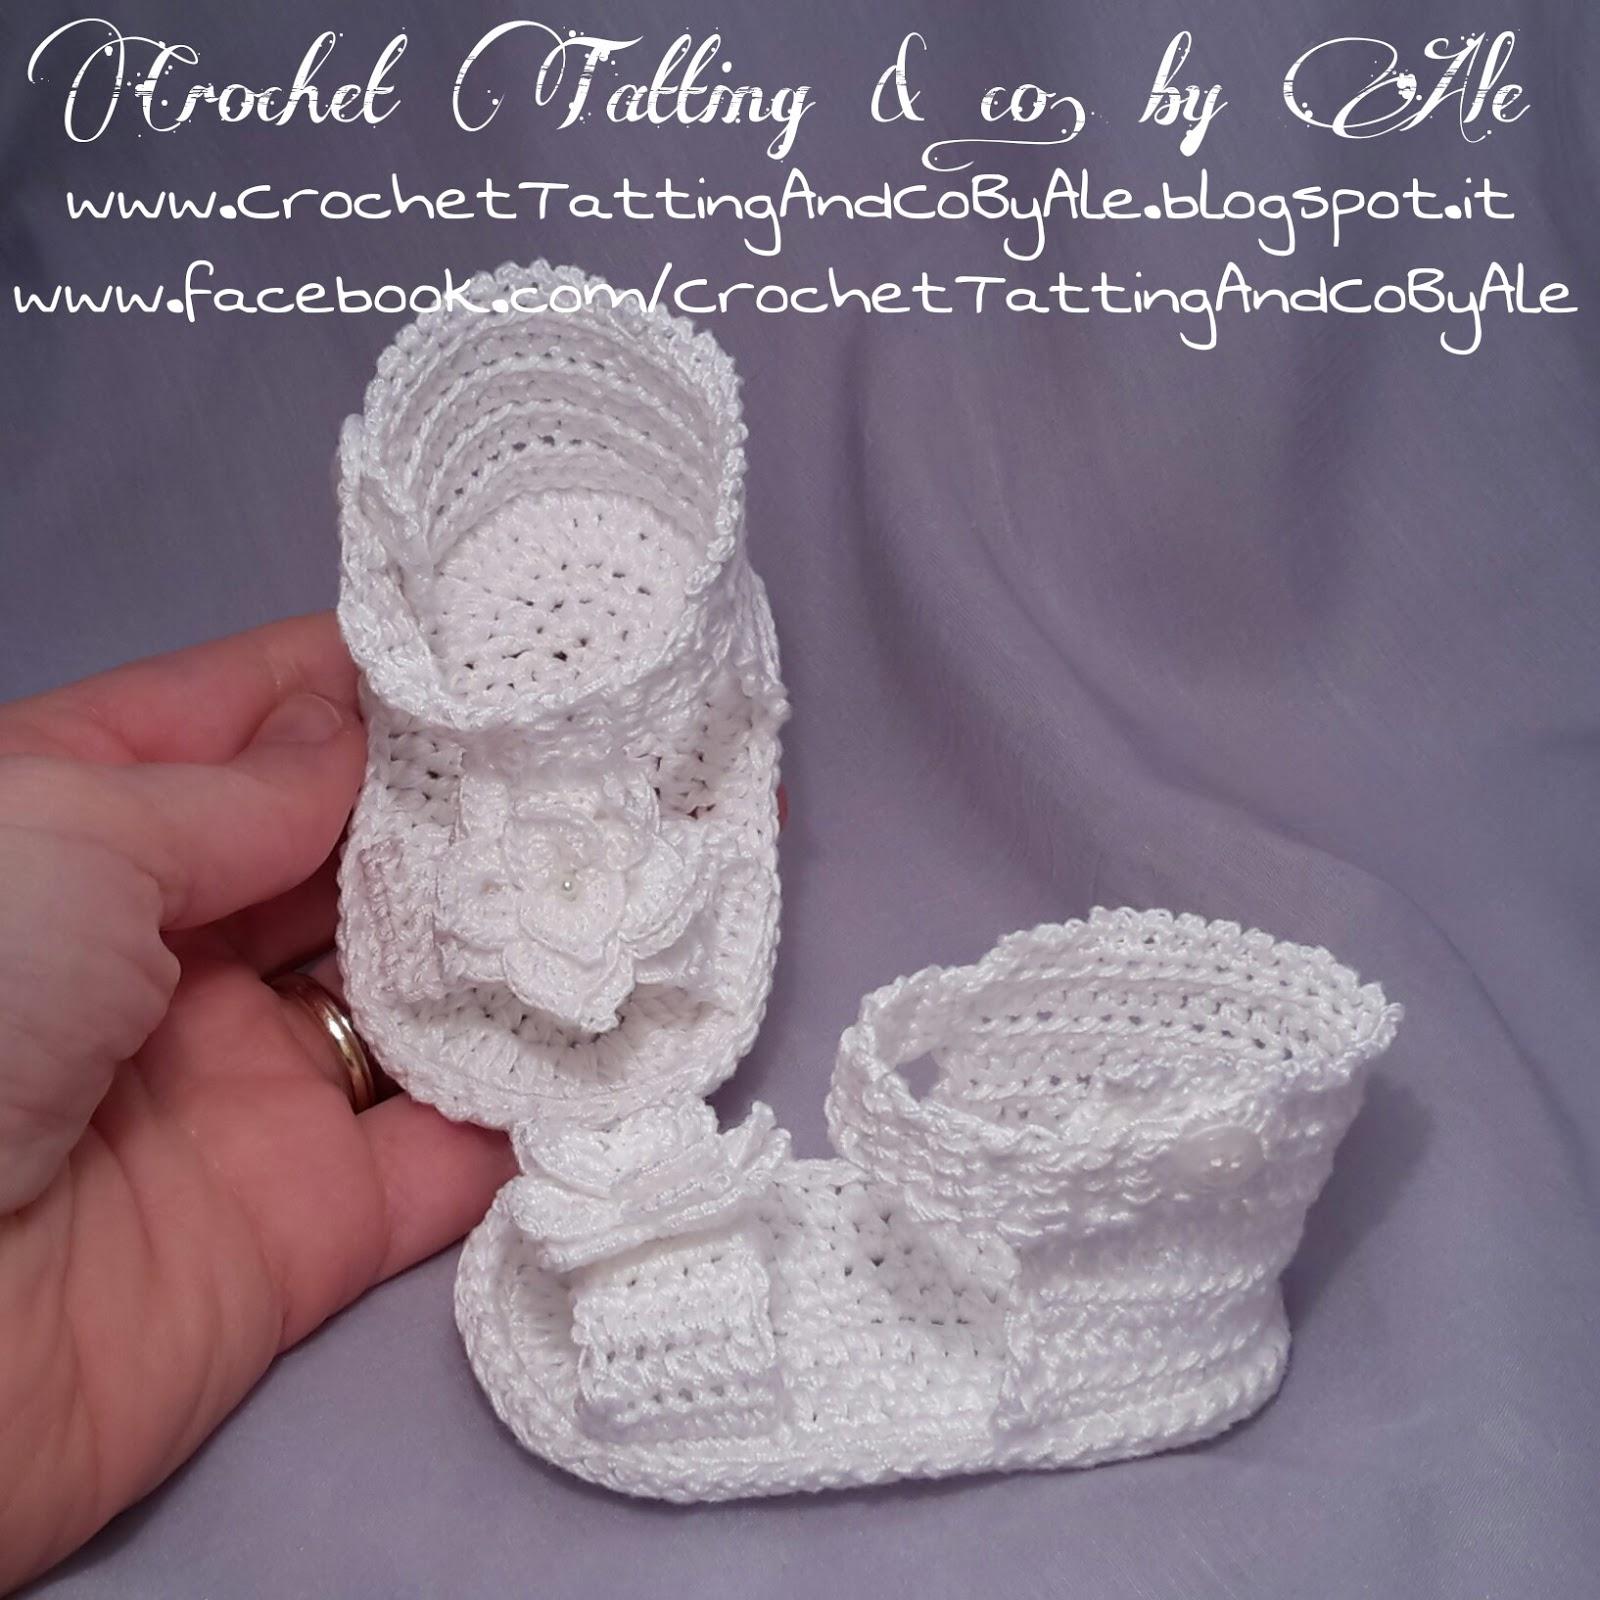 cerca l'autorizzazione in uso durevole presa di fabbrica Istruzioni Sandali a uncinetto per neonata